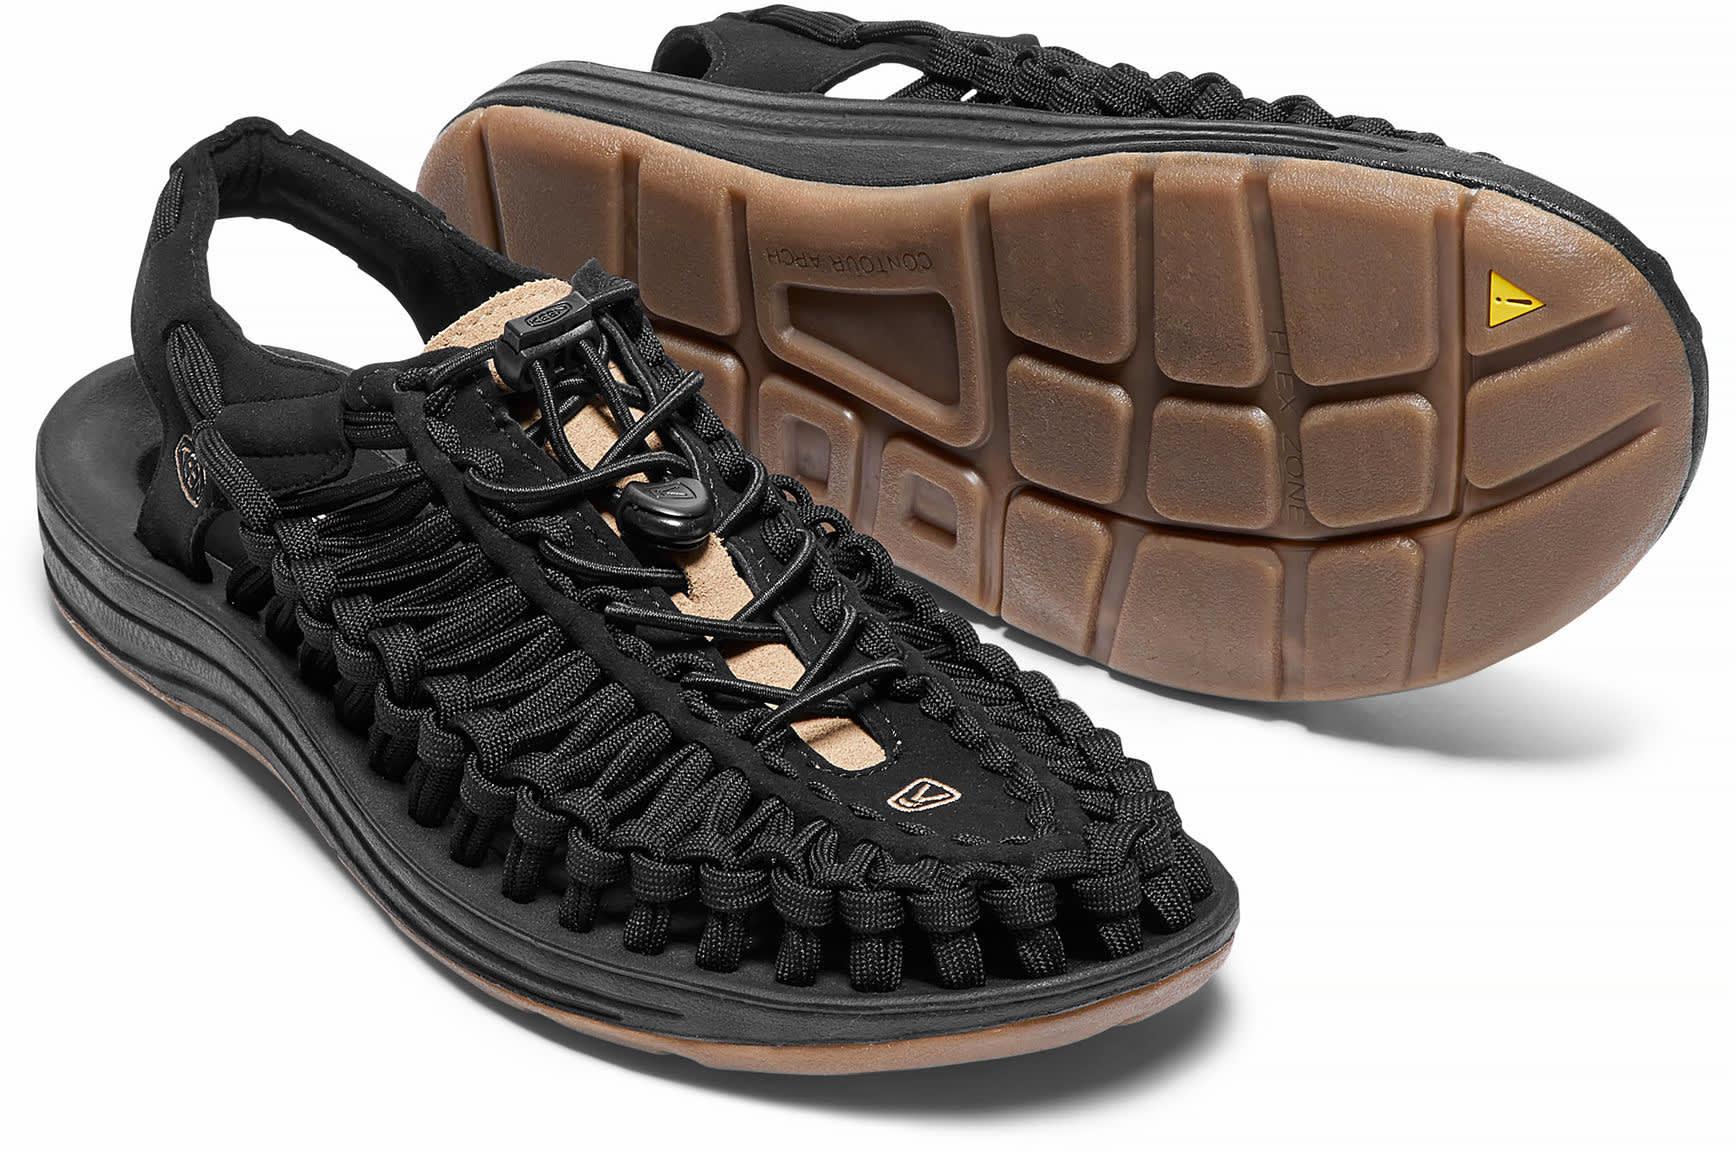 76030478cce1 Keen Uneek Flat Cord Sandals - thumbnail 4